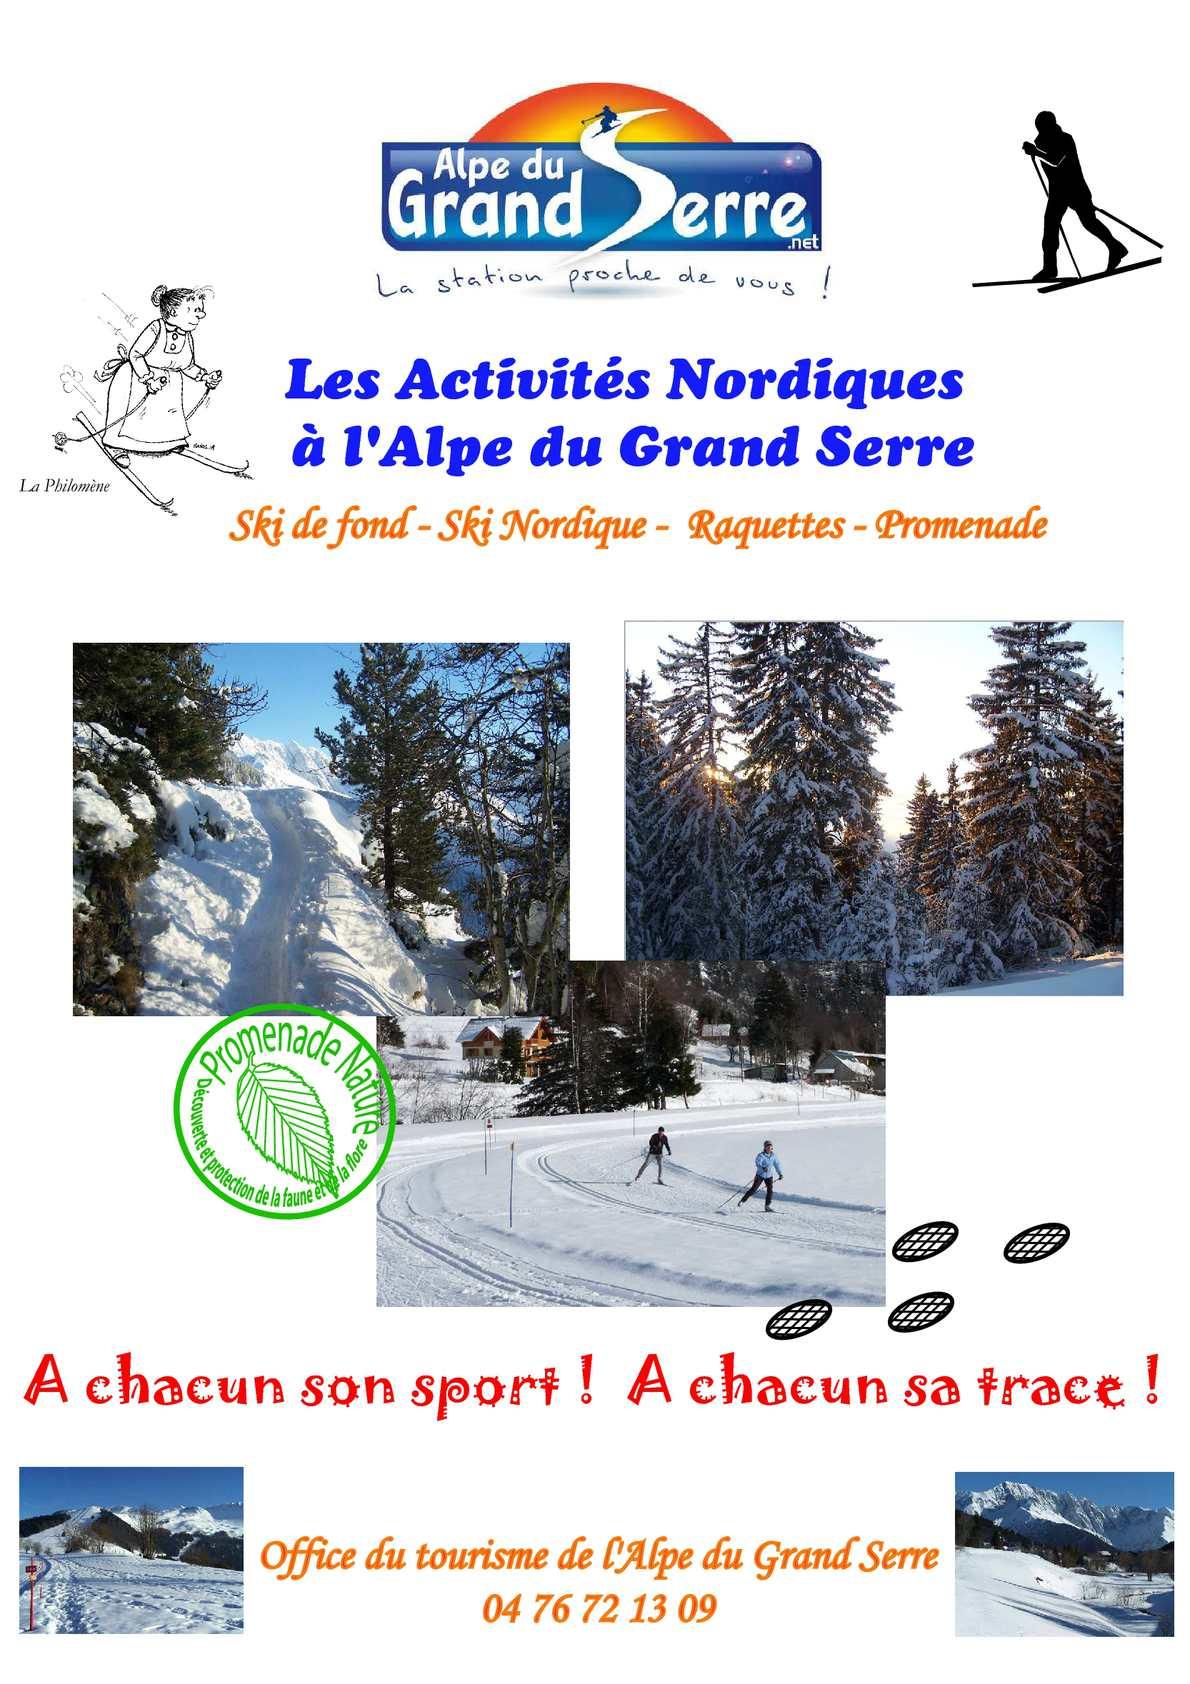 Calam o livret des activit s nordiques de l 39 alpe du - Office du tourisme alpes du grand serre ...